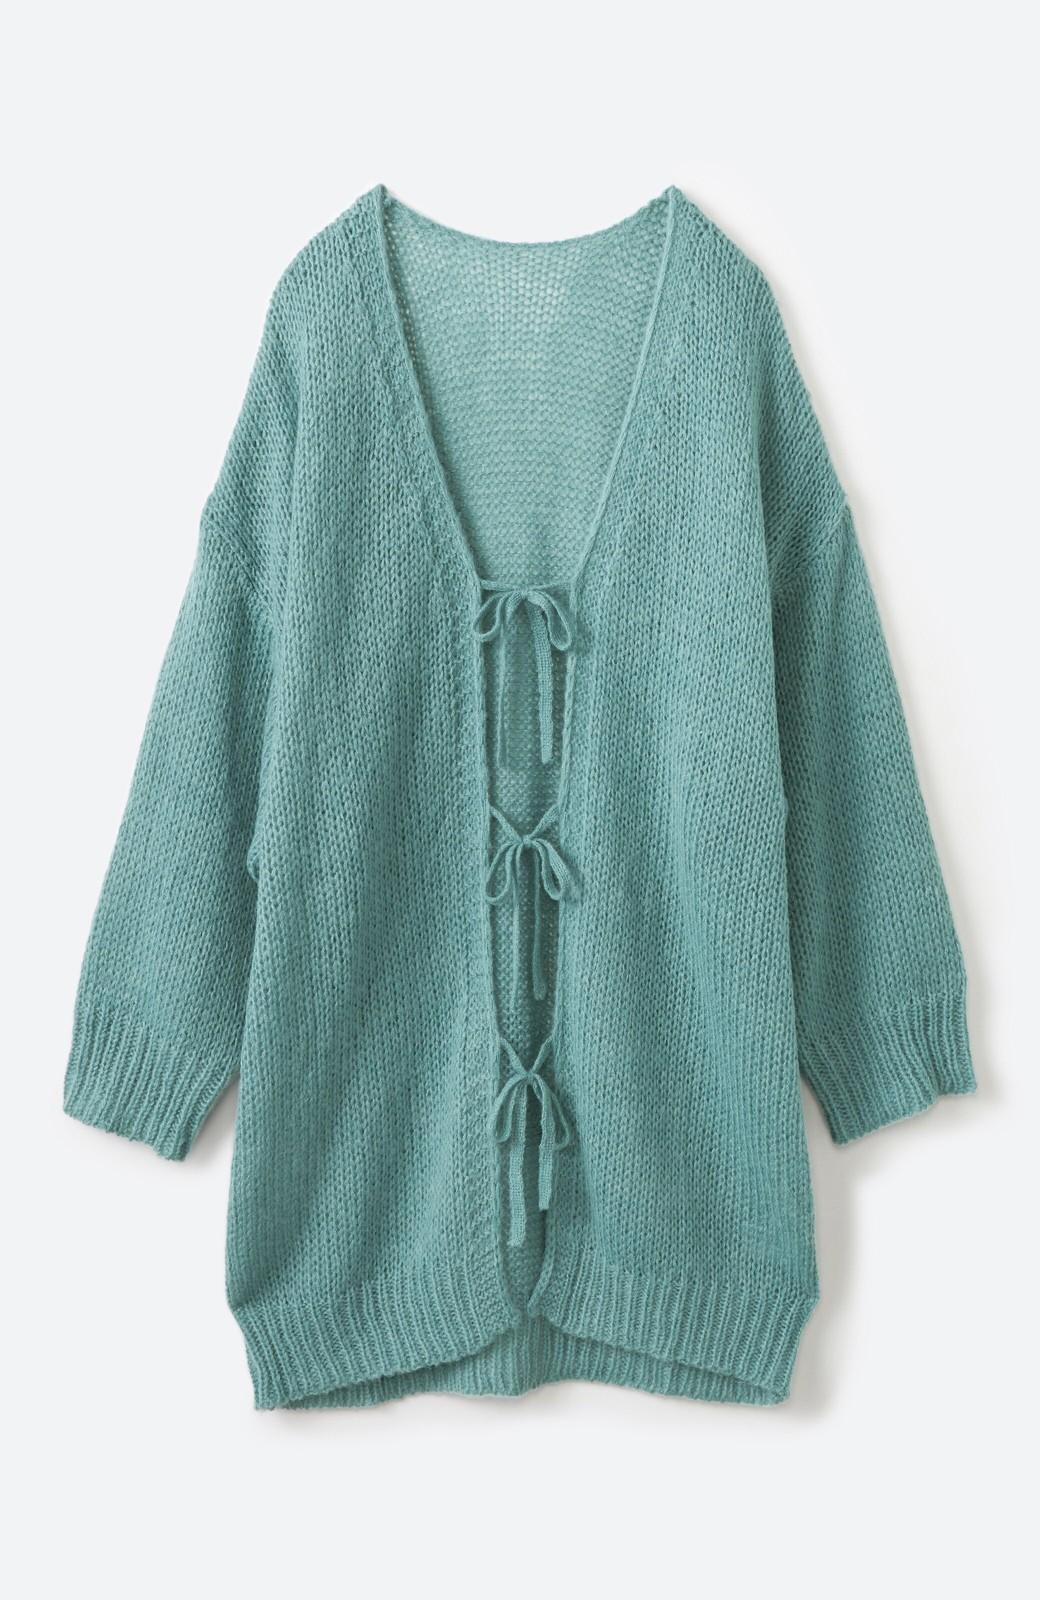 haco! ゆるゆるゆる編みで軽やかにかわいくなれる 前後ろ2WAYカーディガン <ミント>の商品写真18